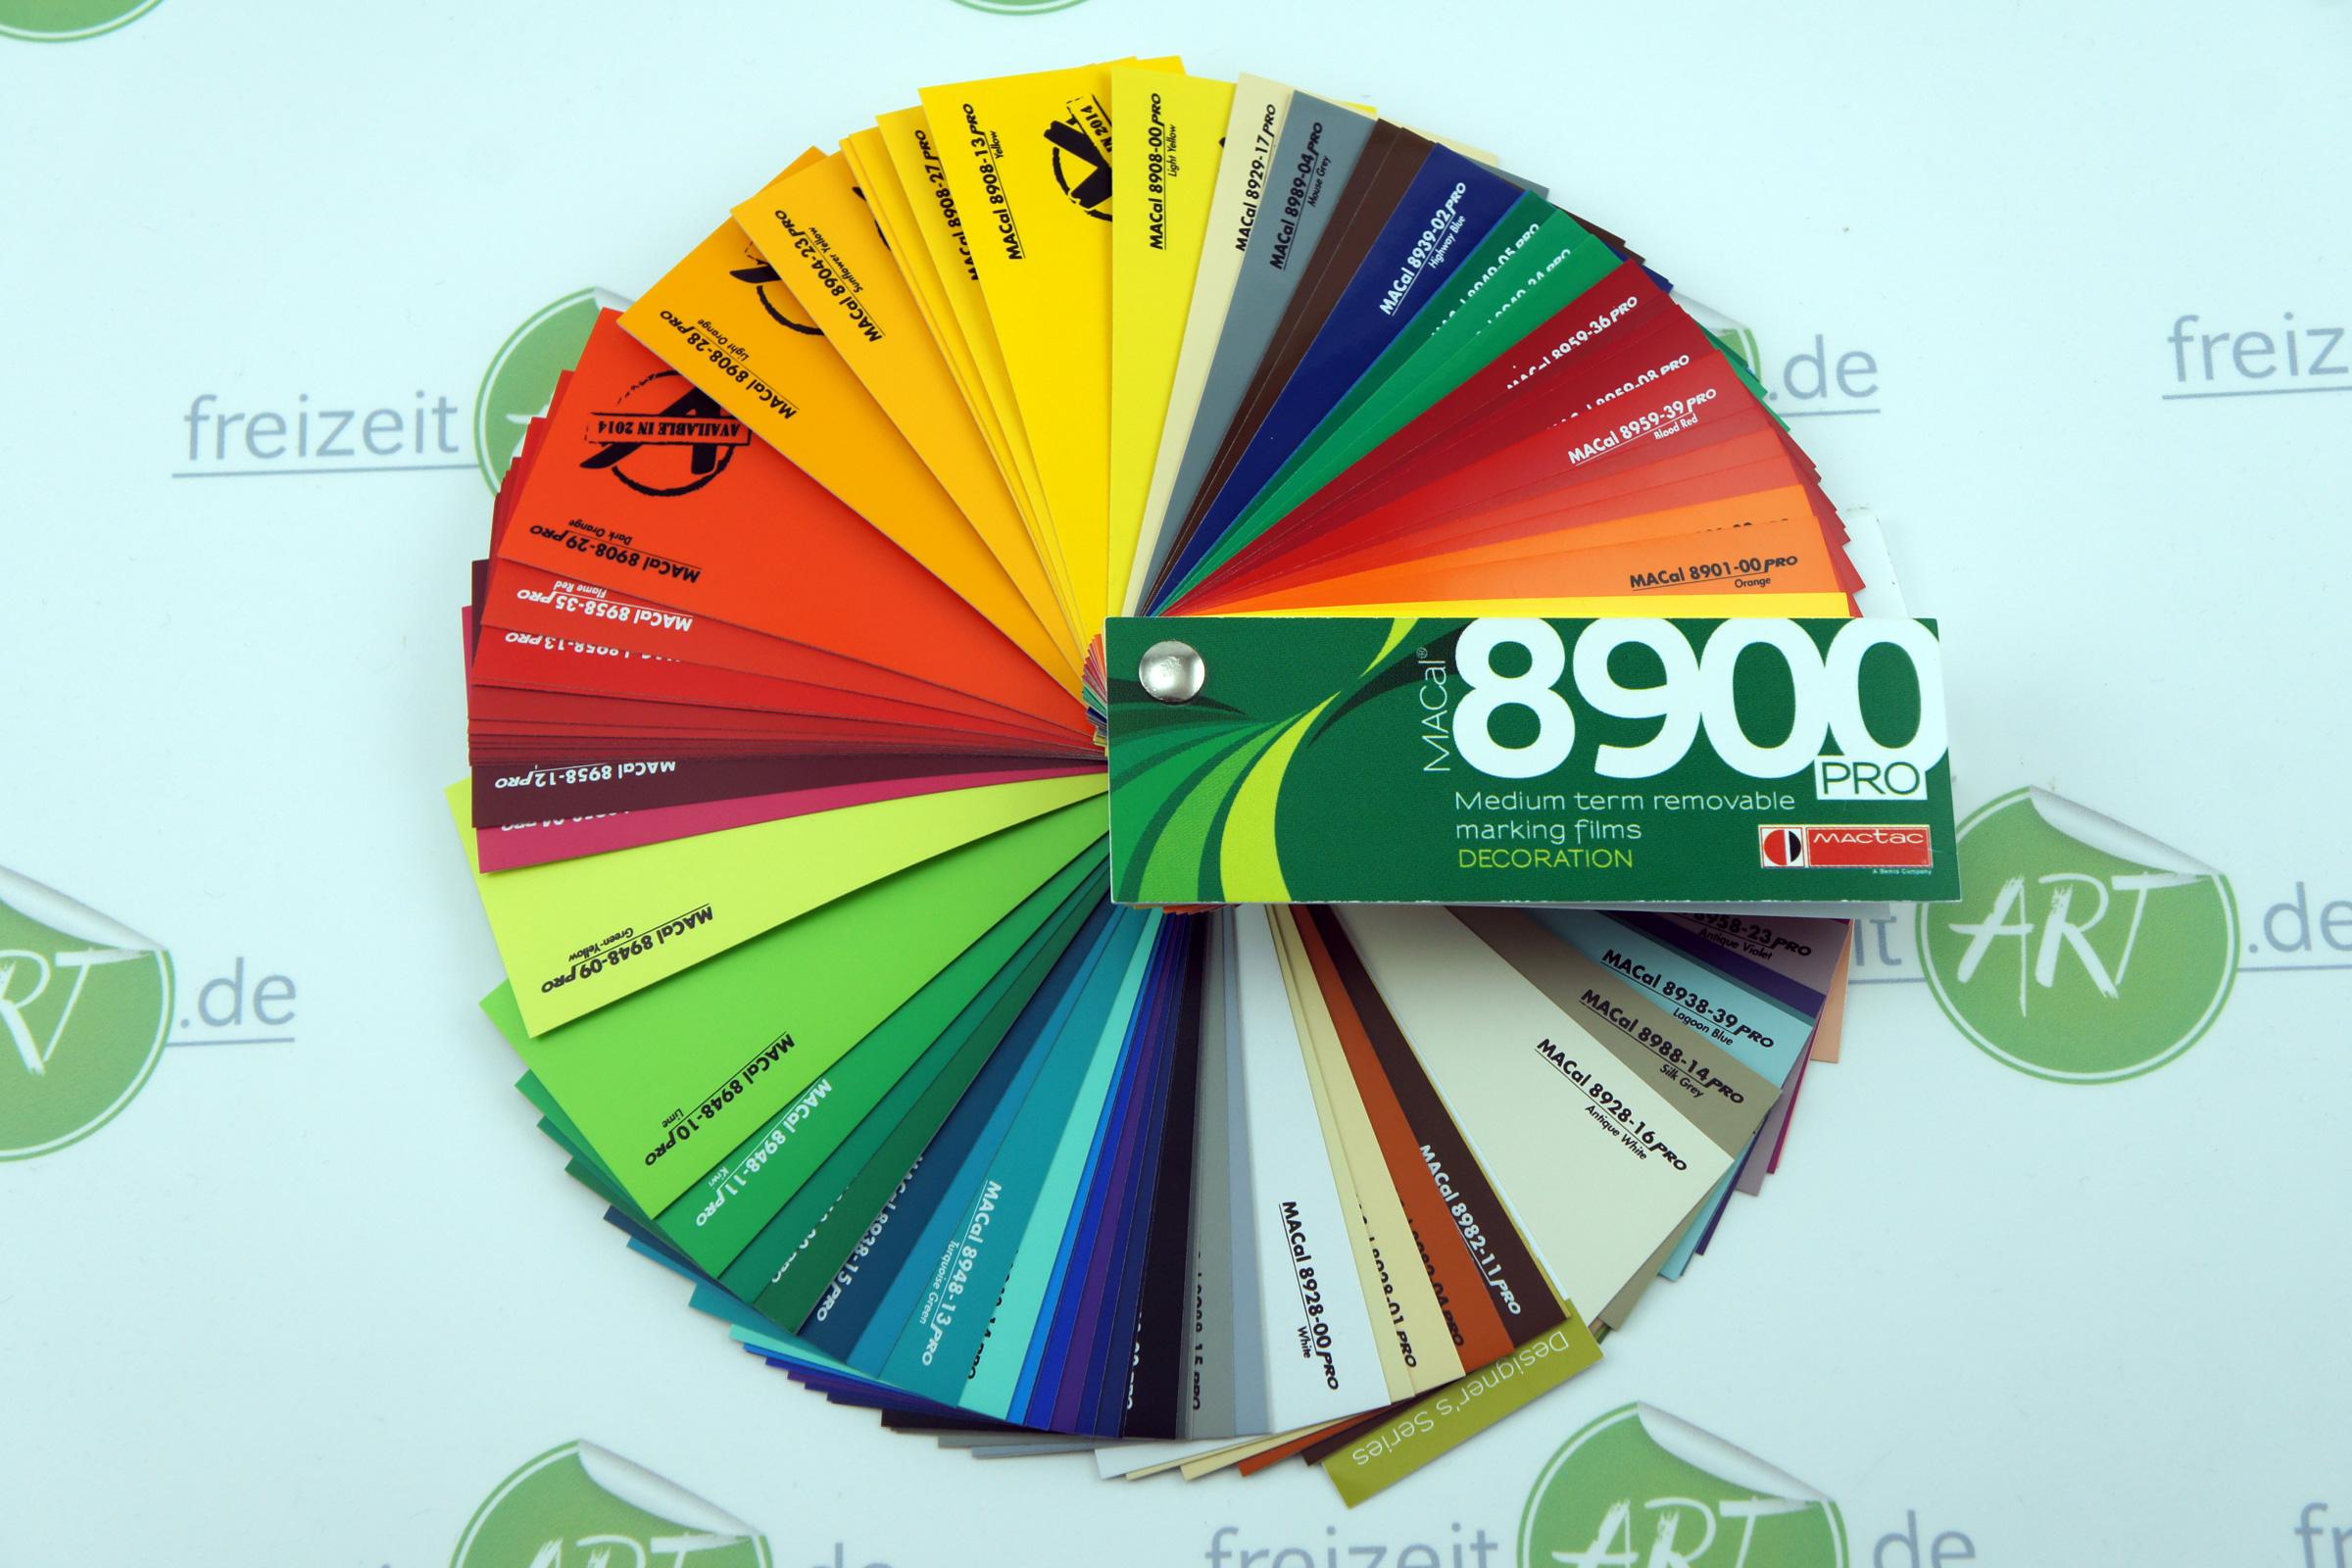 Farbige klebefolie bunte folien kaufen for Klebefolie wandschutzfolie